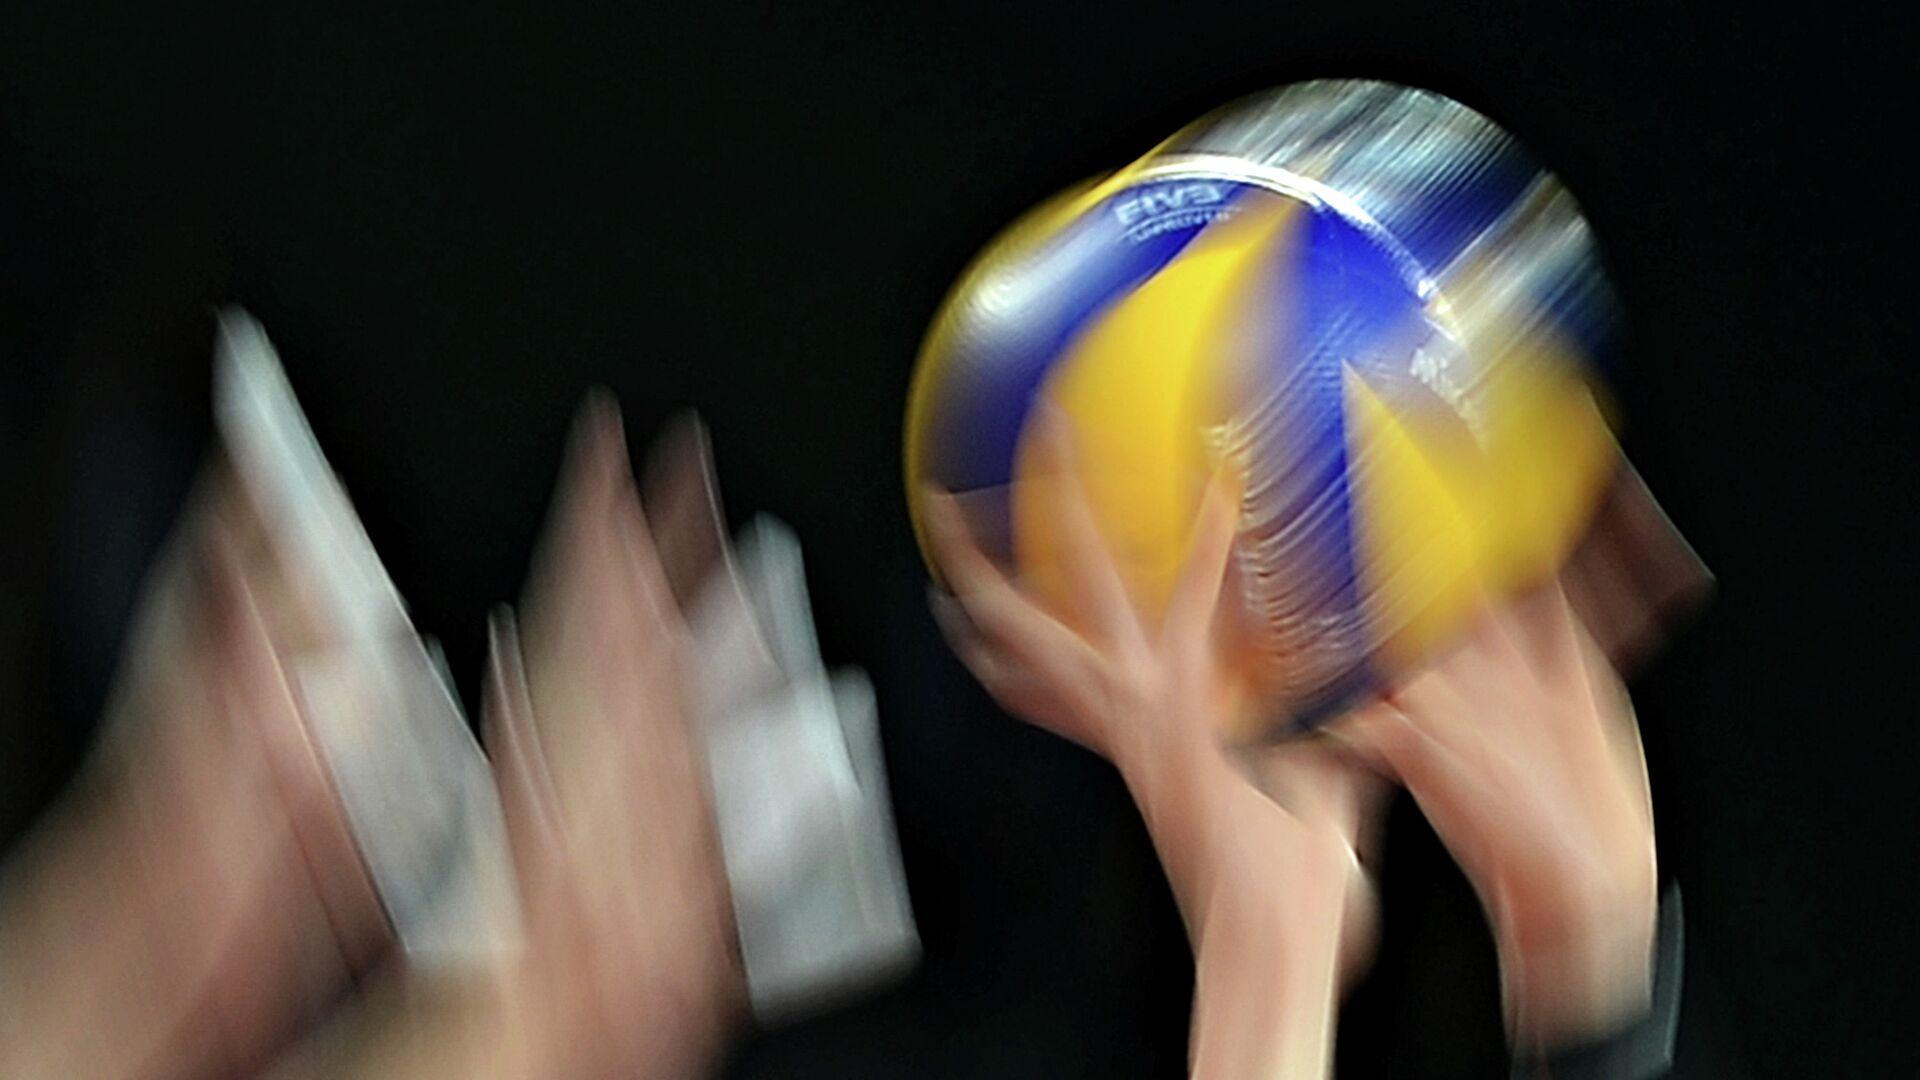 Волейбольный мяч - РИА Новости, 1920, 11.10.2021